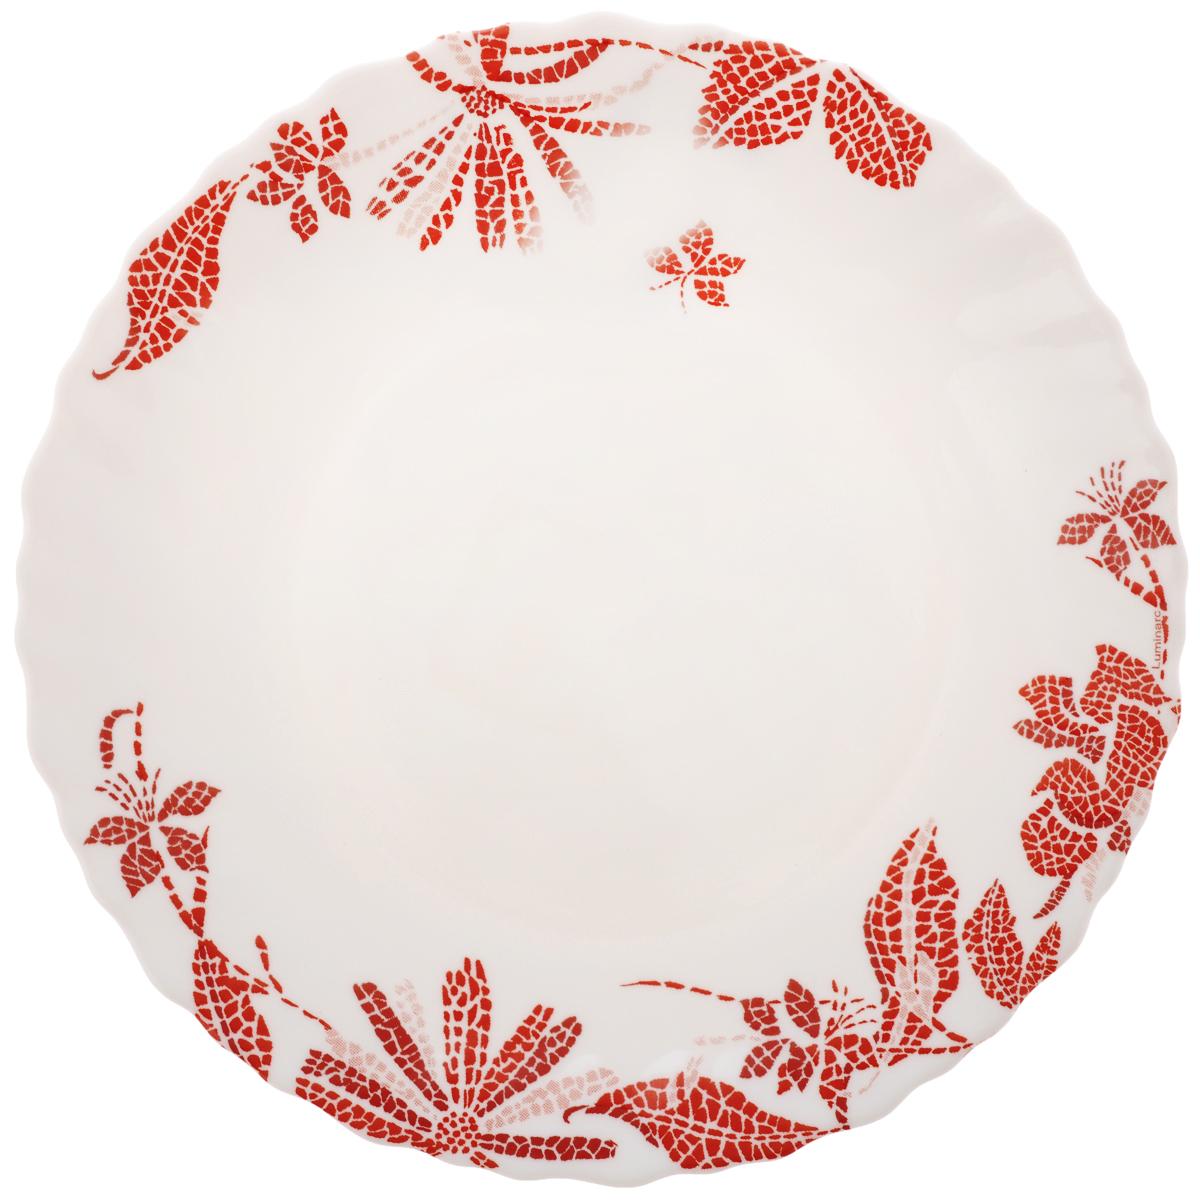 Тарелка десертная Luminarc Romancia, диаметр 18,5 см115510Десертная тарелка Luminarc Romancia, изготовленная из ударопрочного стекла, декорирована изображением цветов. Такая тарелка прекрасно подходит как для торжественных случаев, так и для повседневного использования. Идеальна для подачи десертов, пирожных, тортов и многого другого. Она прекрасно оформит стол и станет отличным дополнением к вашей коллекции кухонной посуды. Диаметр тарелки (по верхнему краю): 18,5 см.